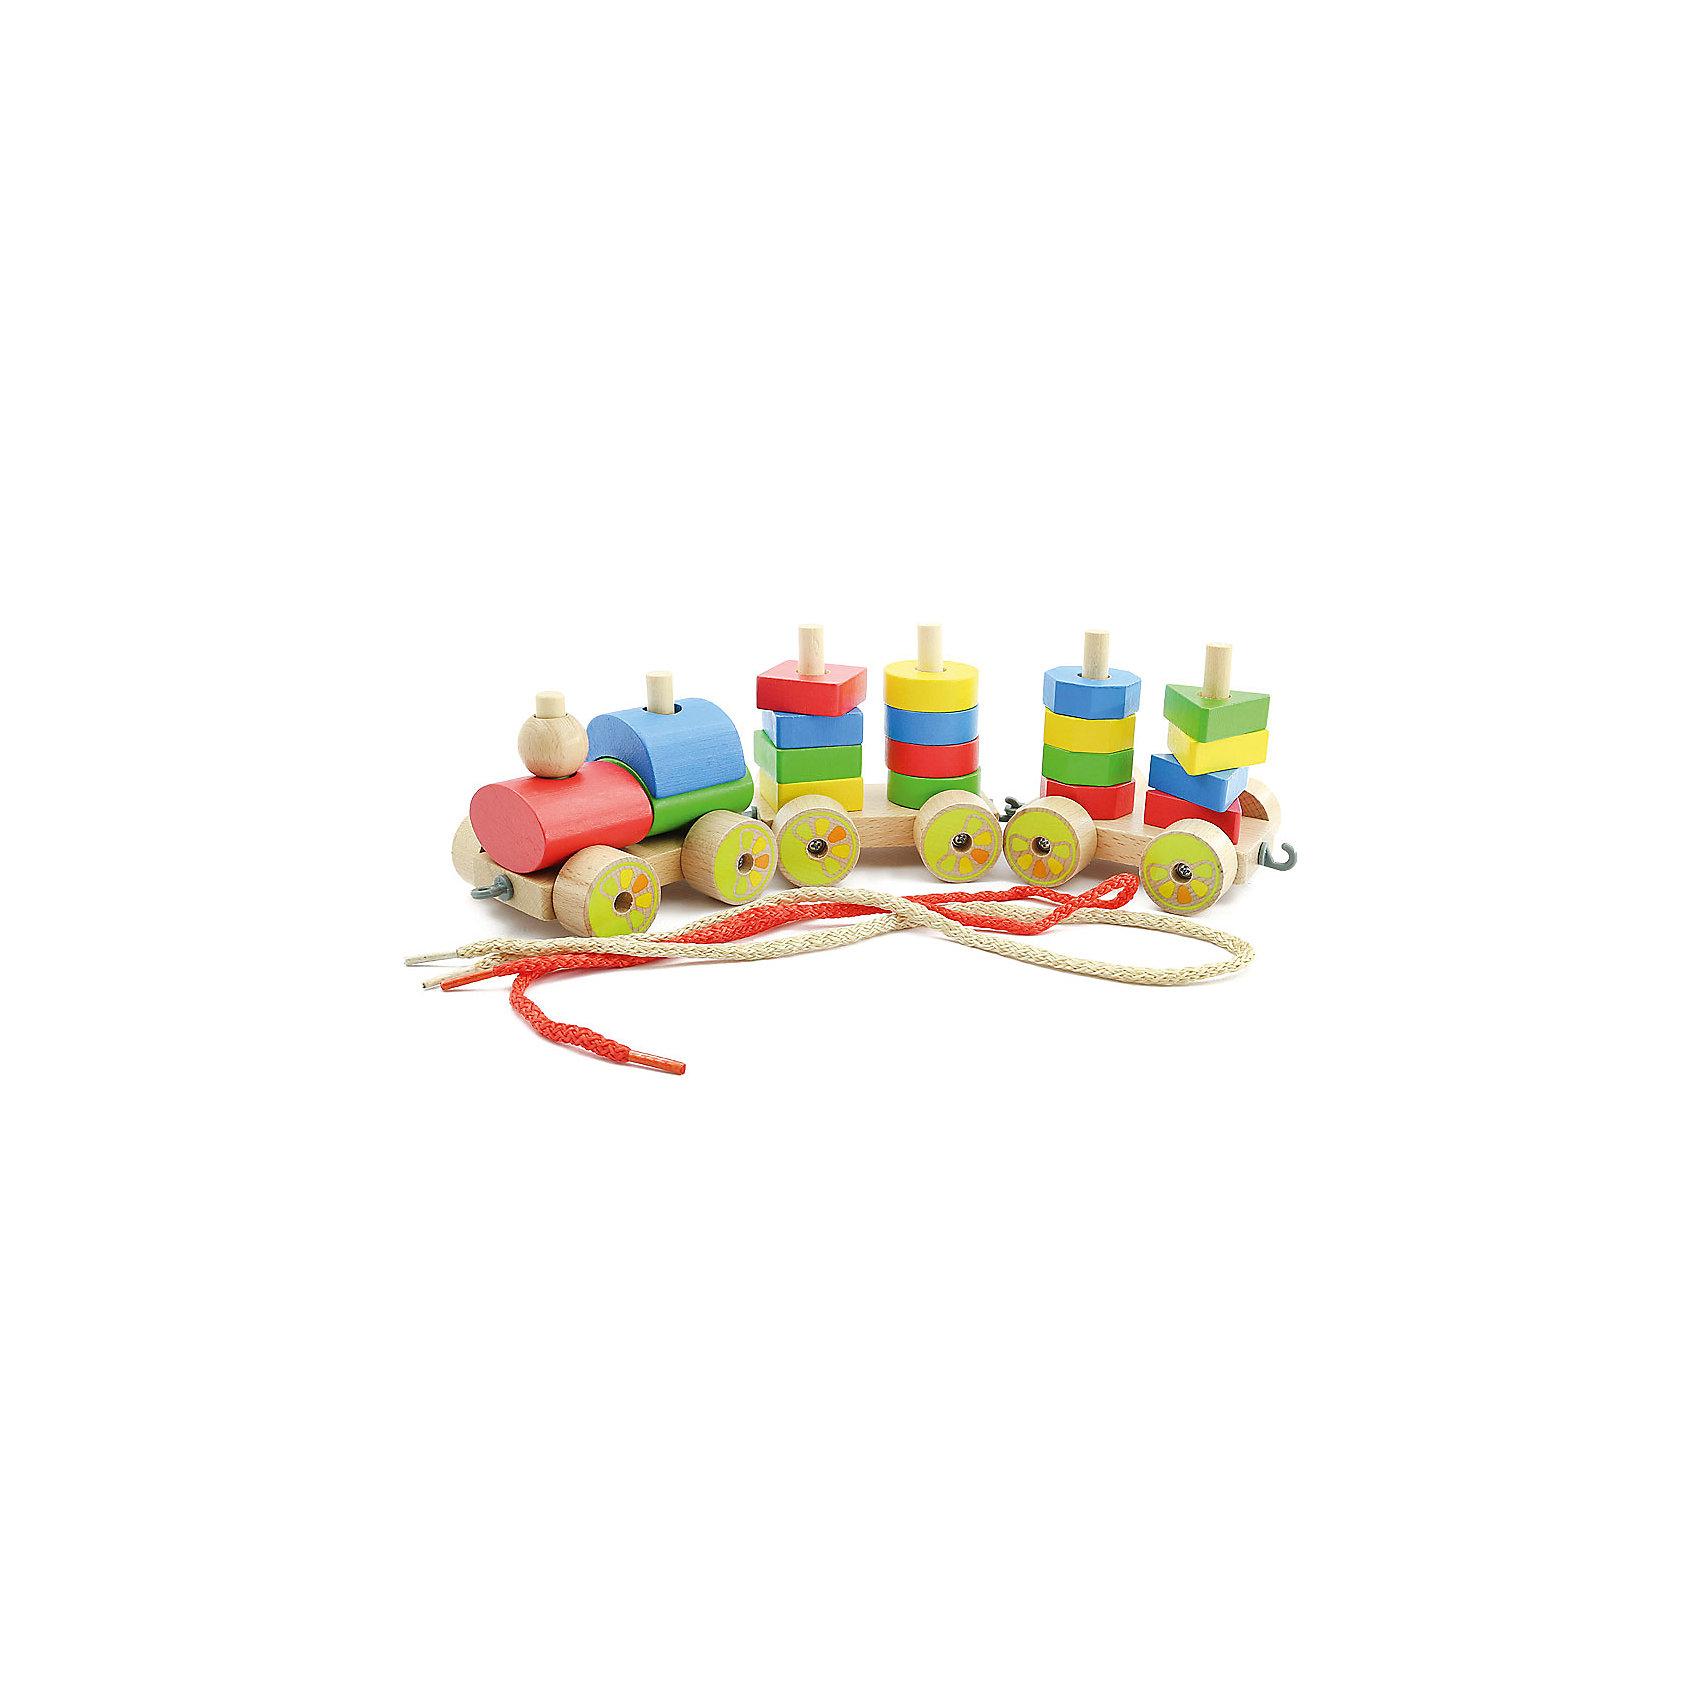 Паровозик (малый), Мир деревянных игрушекМДИ (Мир деревянных игрушек)<br>Этот яркий паровозик приведет в восторг любого малыша! Колеса игрушки подвижные, вагоны без труда прицепляются друг к другу и представляют собой пирамидки различной формы.<br>Малышу будет интересно самому собрать оригинальный паровозик и потом весело играть с ним. Надо лишь надеть нужные детали на деревянные штырьки на платформе с колесами.<br>Все детали игрушки изготовлены из натурального дерева, раскрашены гипоаллергенными, экологичными красителями, не имеют острых углов, прекрасно обработаны - абсолютно безопасны для детей.<br>Игры с конструктором развивают мелкую моторику, усидчивость, внимание, пространственное мышление, цветовосприятие.<br><br>Дополнительная информация:<br><br>- Возраст: от 3-х лет.<br>- Материал: дерево. <br>- Длина паровозика с вагонами: 33 см.<br>- Длина вагона: 10 см.<br><br>Паровозик (малый) можно купить в нашем магазине.<br><br>Ширина мм: 165<br>Глубина мм: 115<br>Высота мм: 100<br>Вес г: 425<br>Возраст от месяцев: 36<br>Возраст до месяцев: 2147483647<br>Пол: Унисекс<br>Возраст: Детский<br>SKU: 4895904